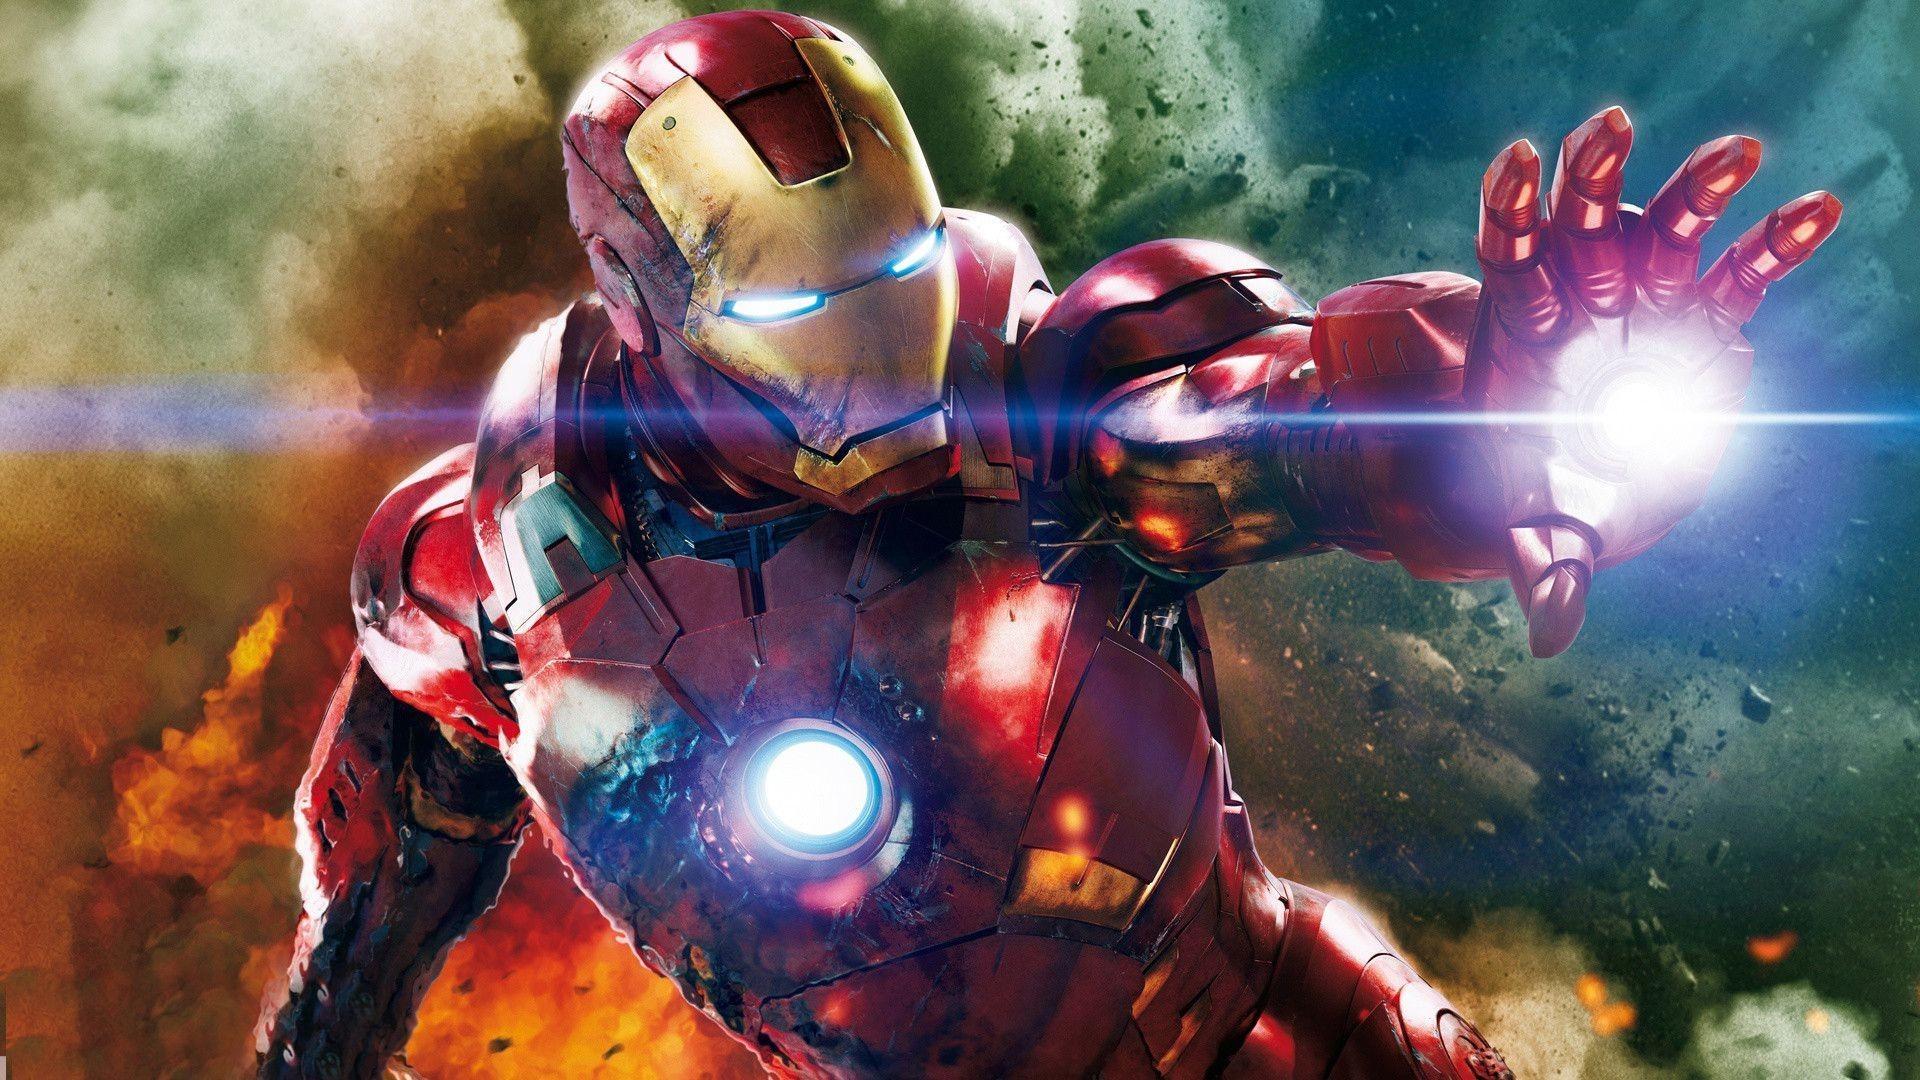 Iron Man HD desktop wallpaper : Widescreen : High Definition 1920×1200 Iron  Man Hd